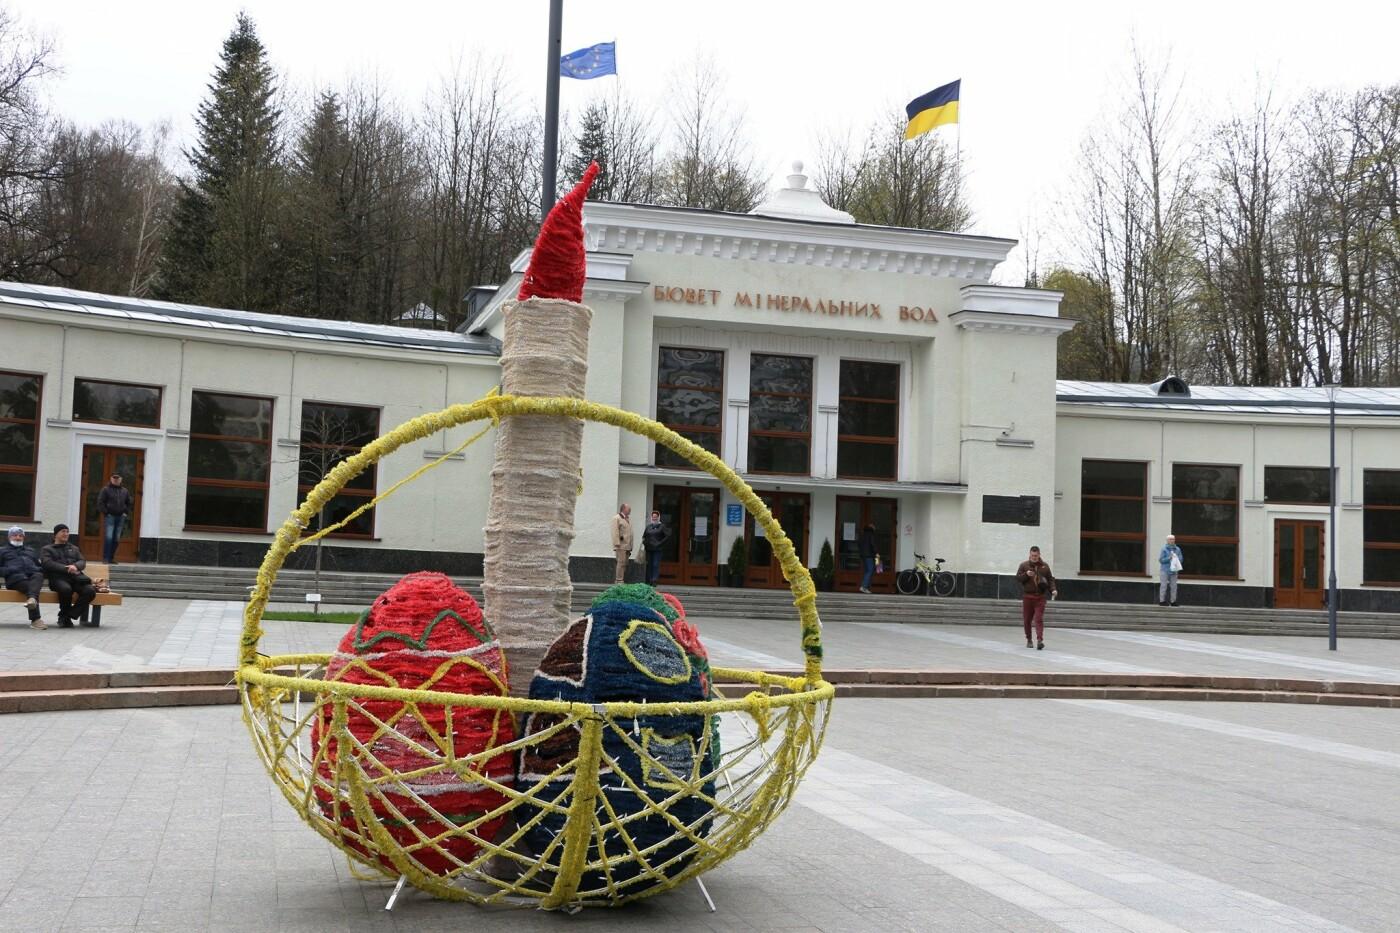 У Бориславі писанкове дерево, в Трускавці – великодній кошик, у Дрогобичі – писанки: міста чепурять до Великодня, фото-9